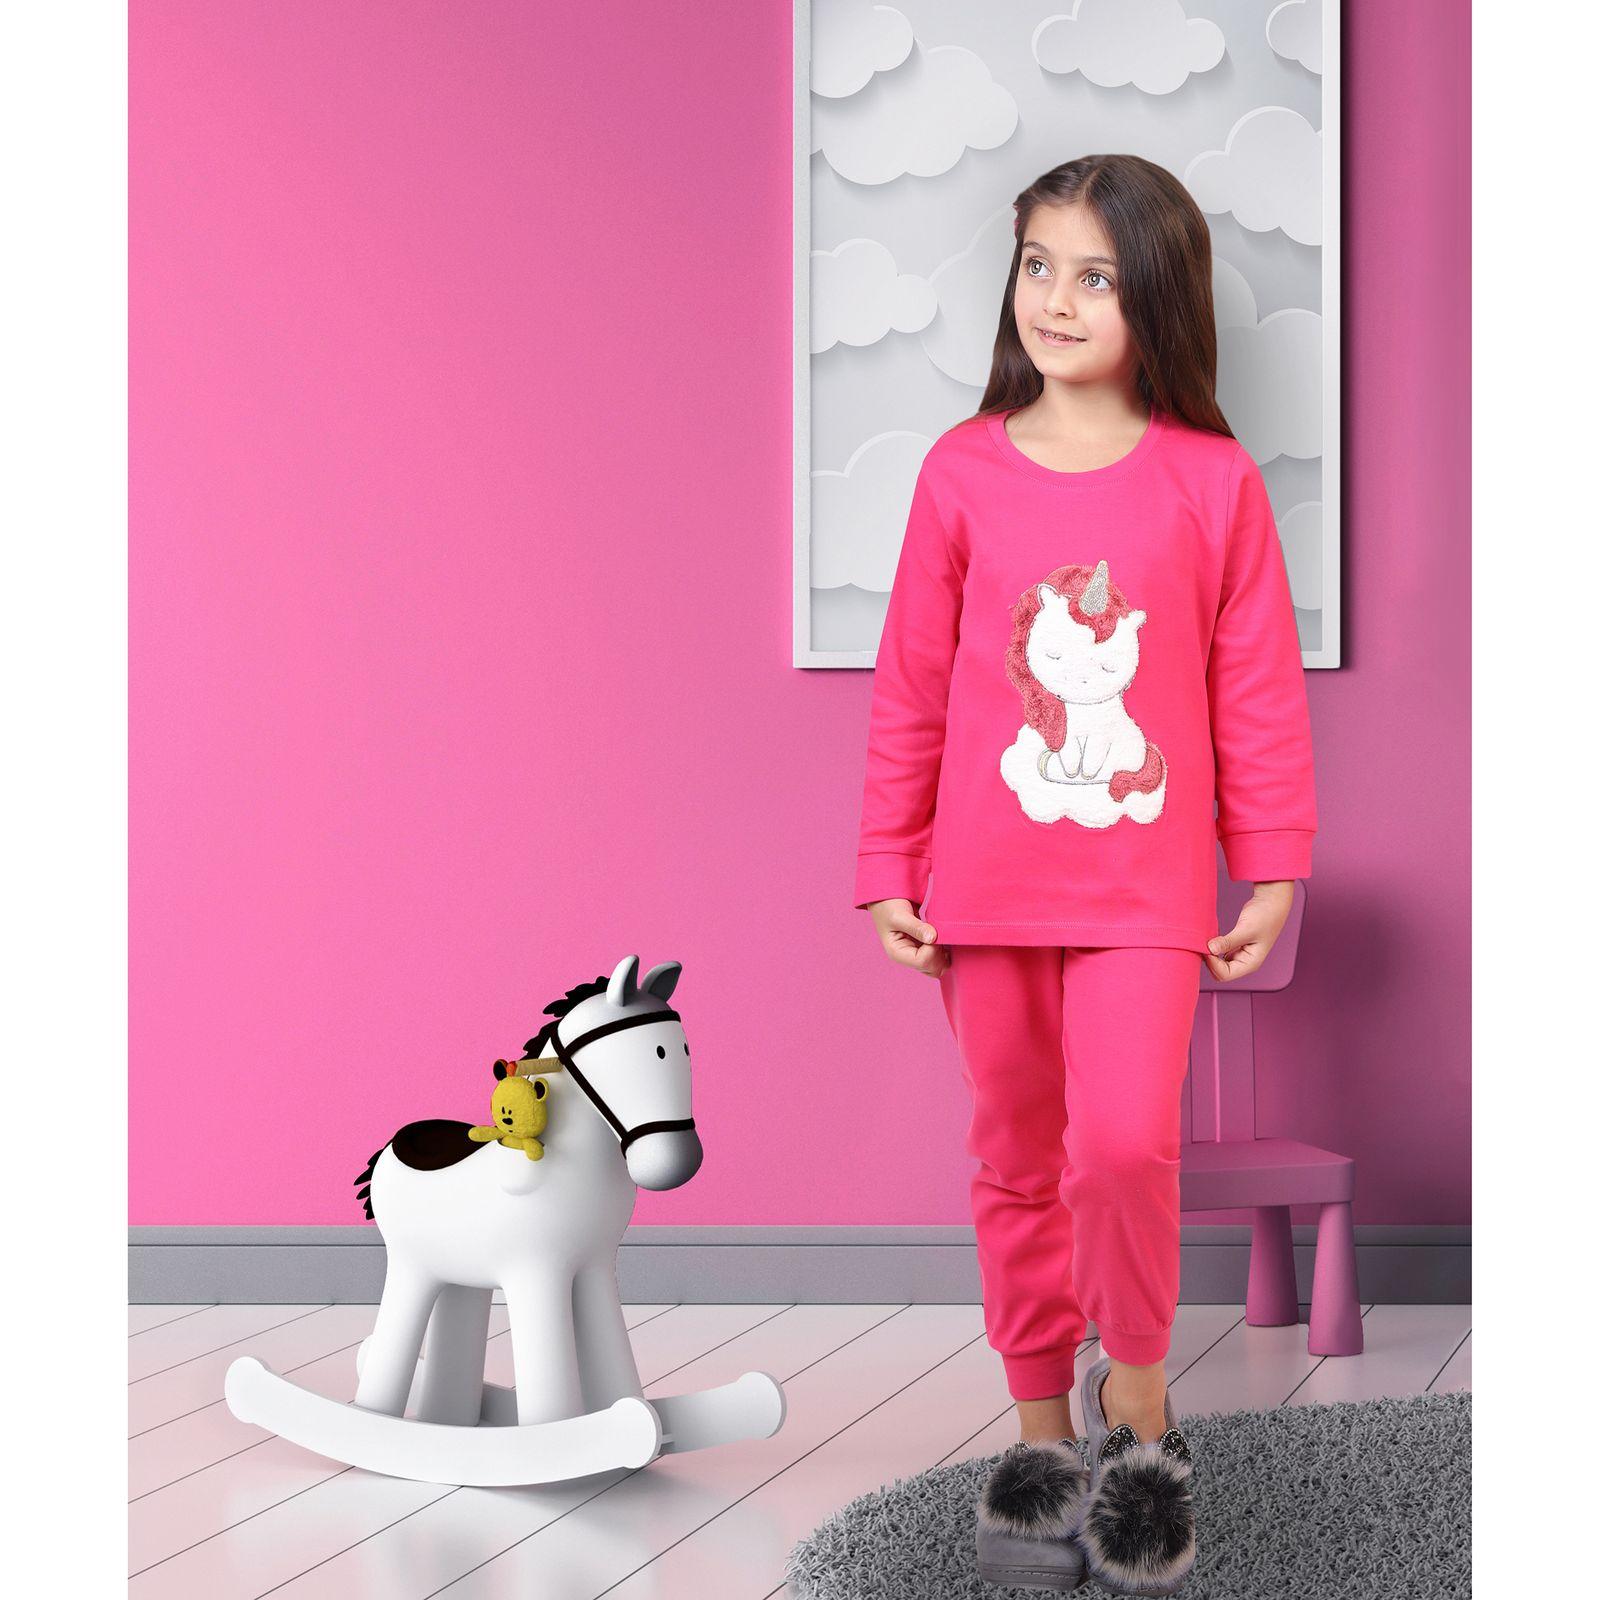 ست تی شرت و شلوار دخترانه مادر مدل 303-66 main 1 10